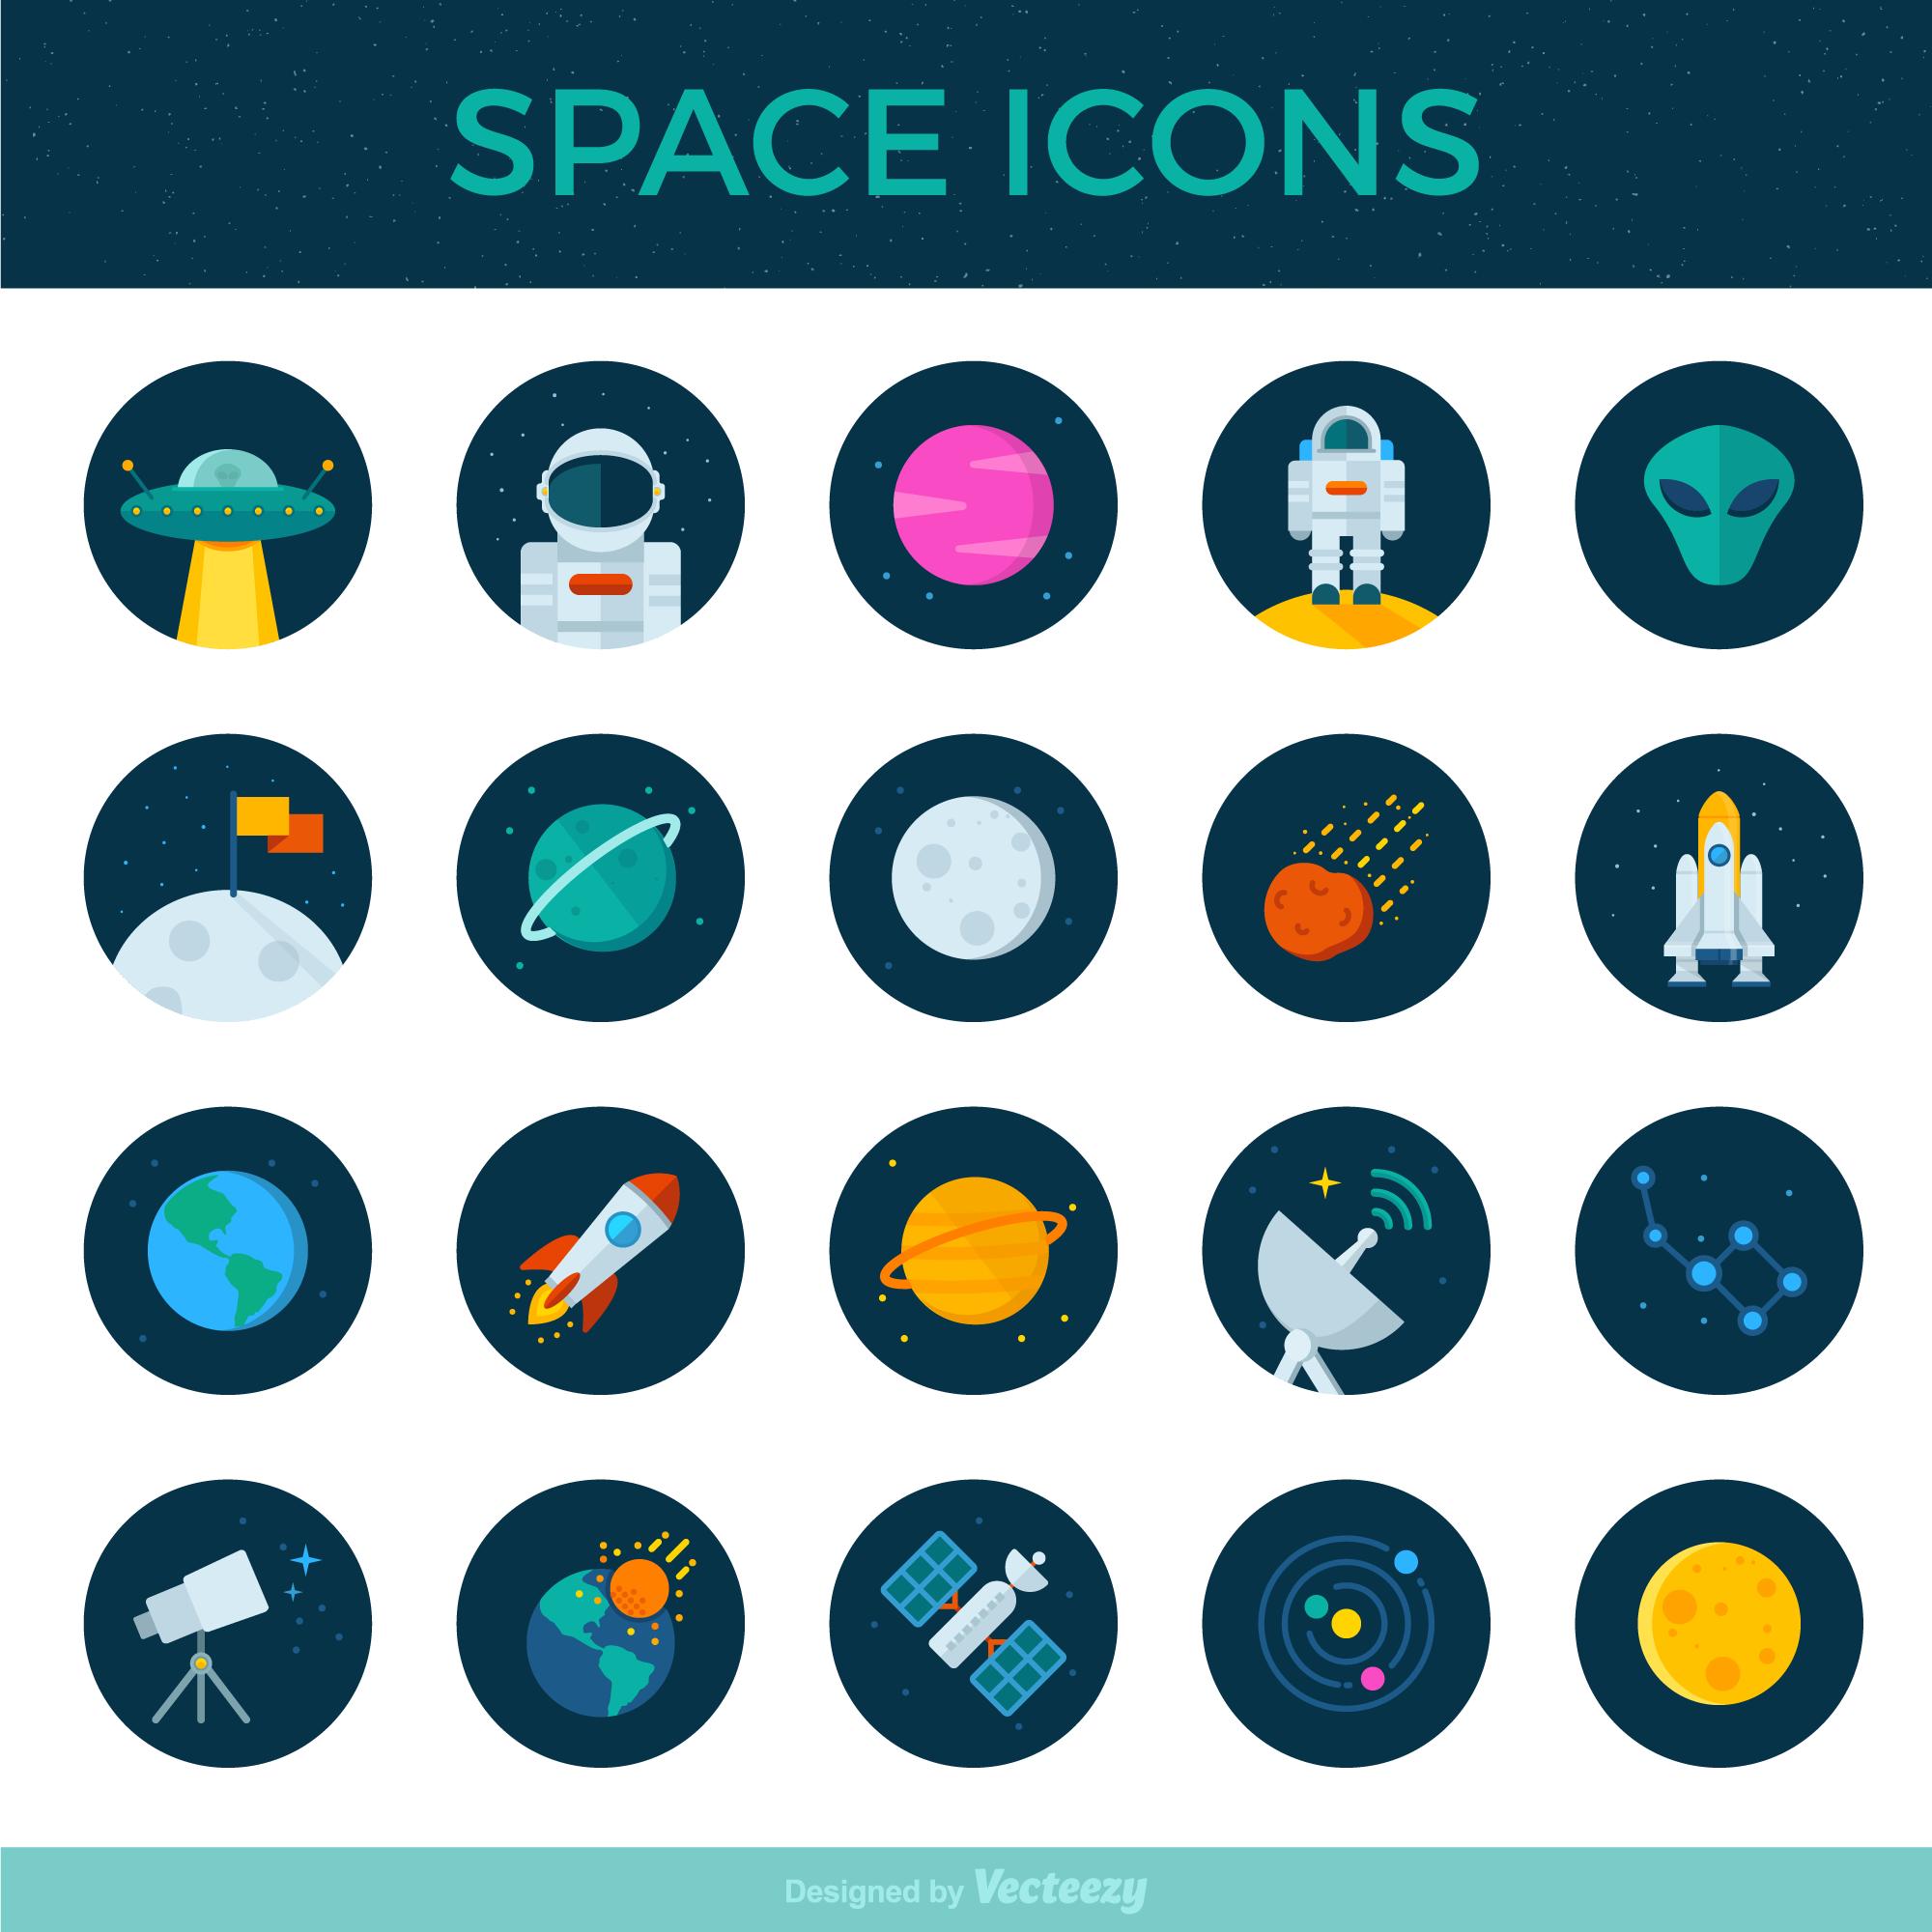 扁平矢量太空卫星,雷达,星系图,望远镜外星人元素icon源文件下载